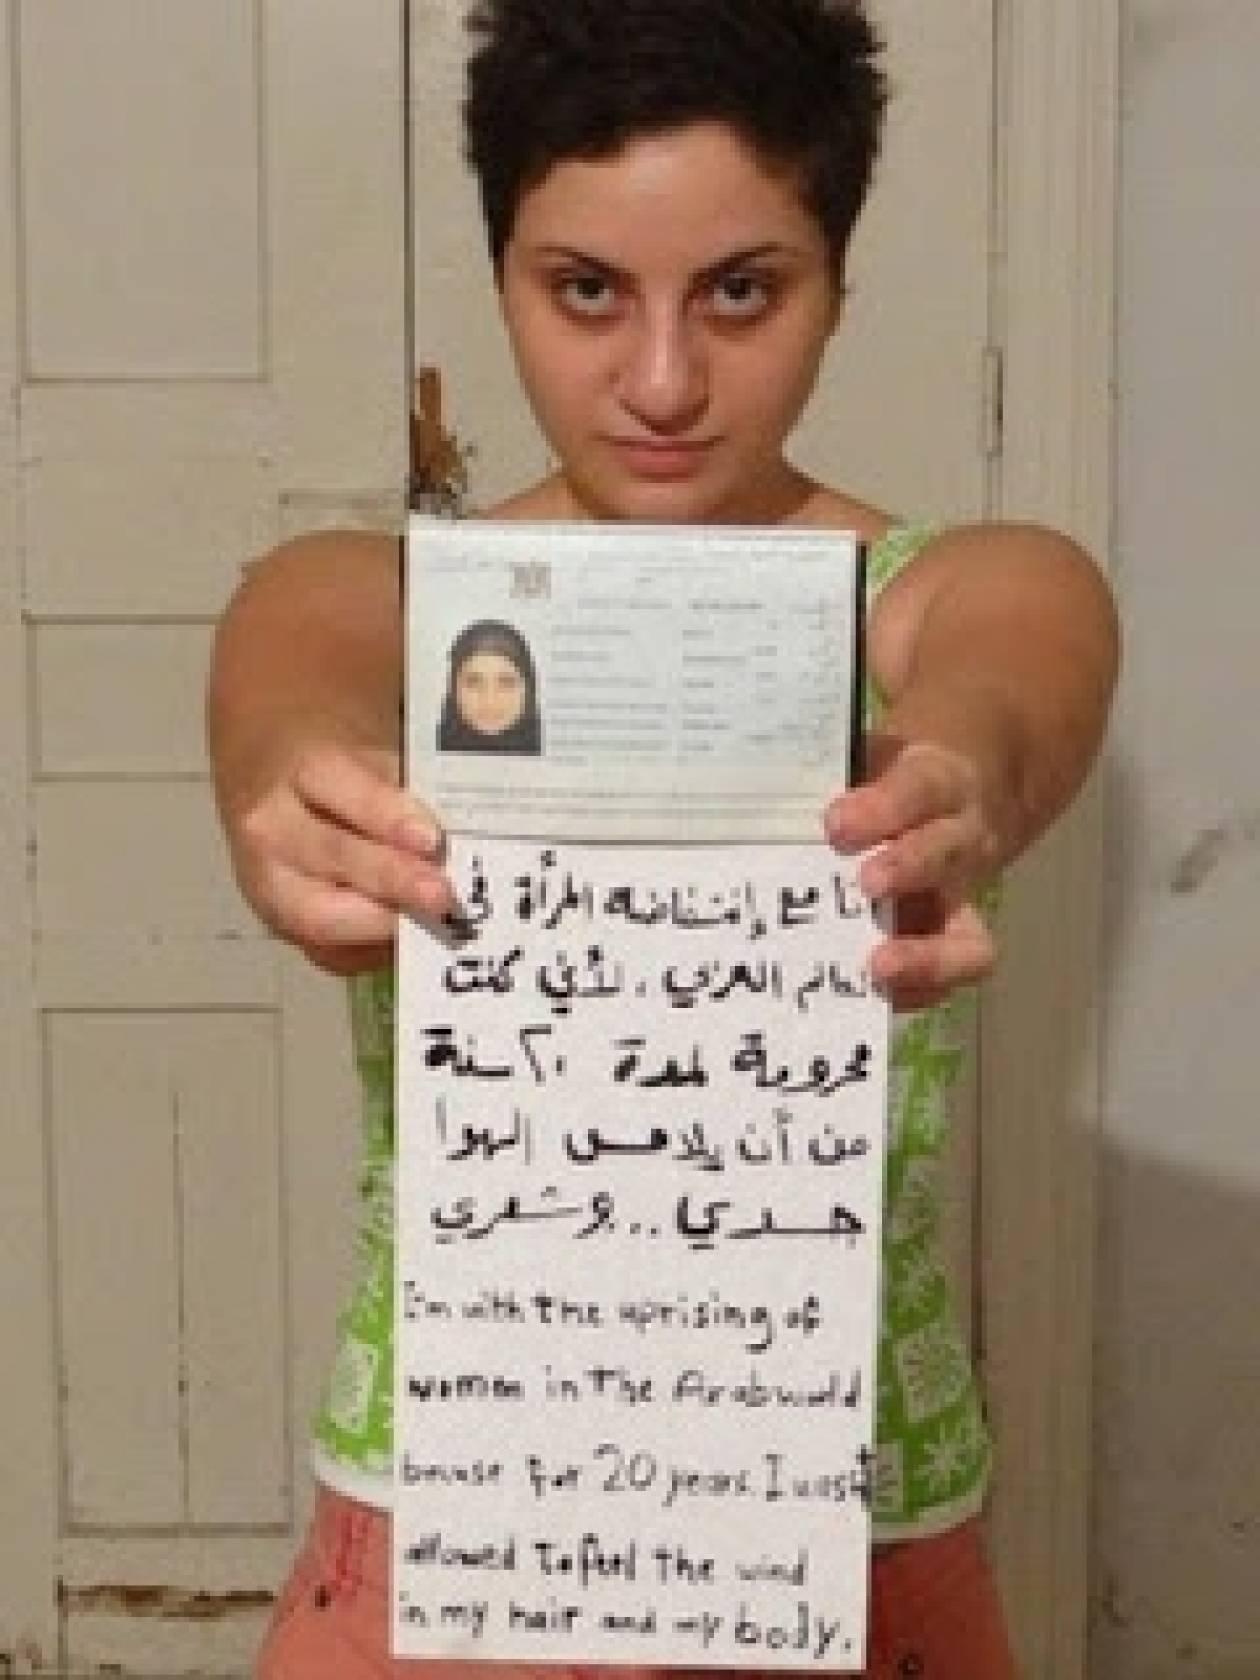 Η φώτο μιας νεαρής μουσουλμάνας που αναστάτωσε τον Αραβικό κόσμο